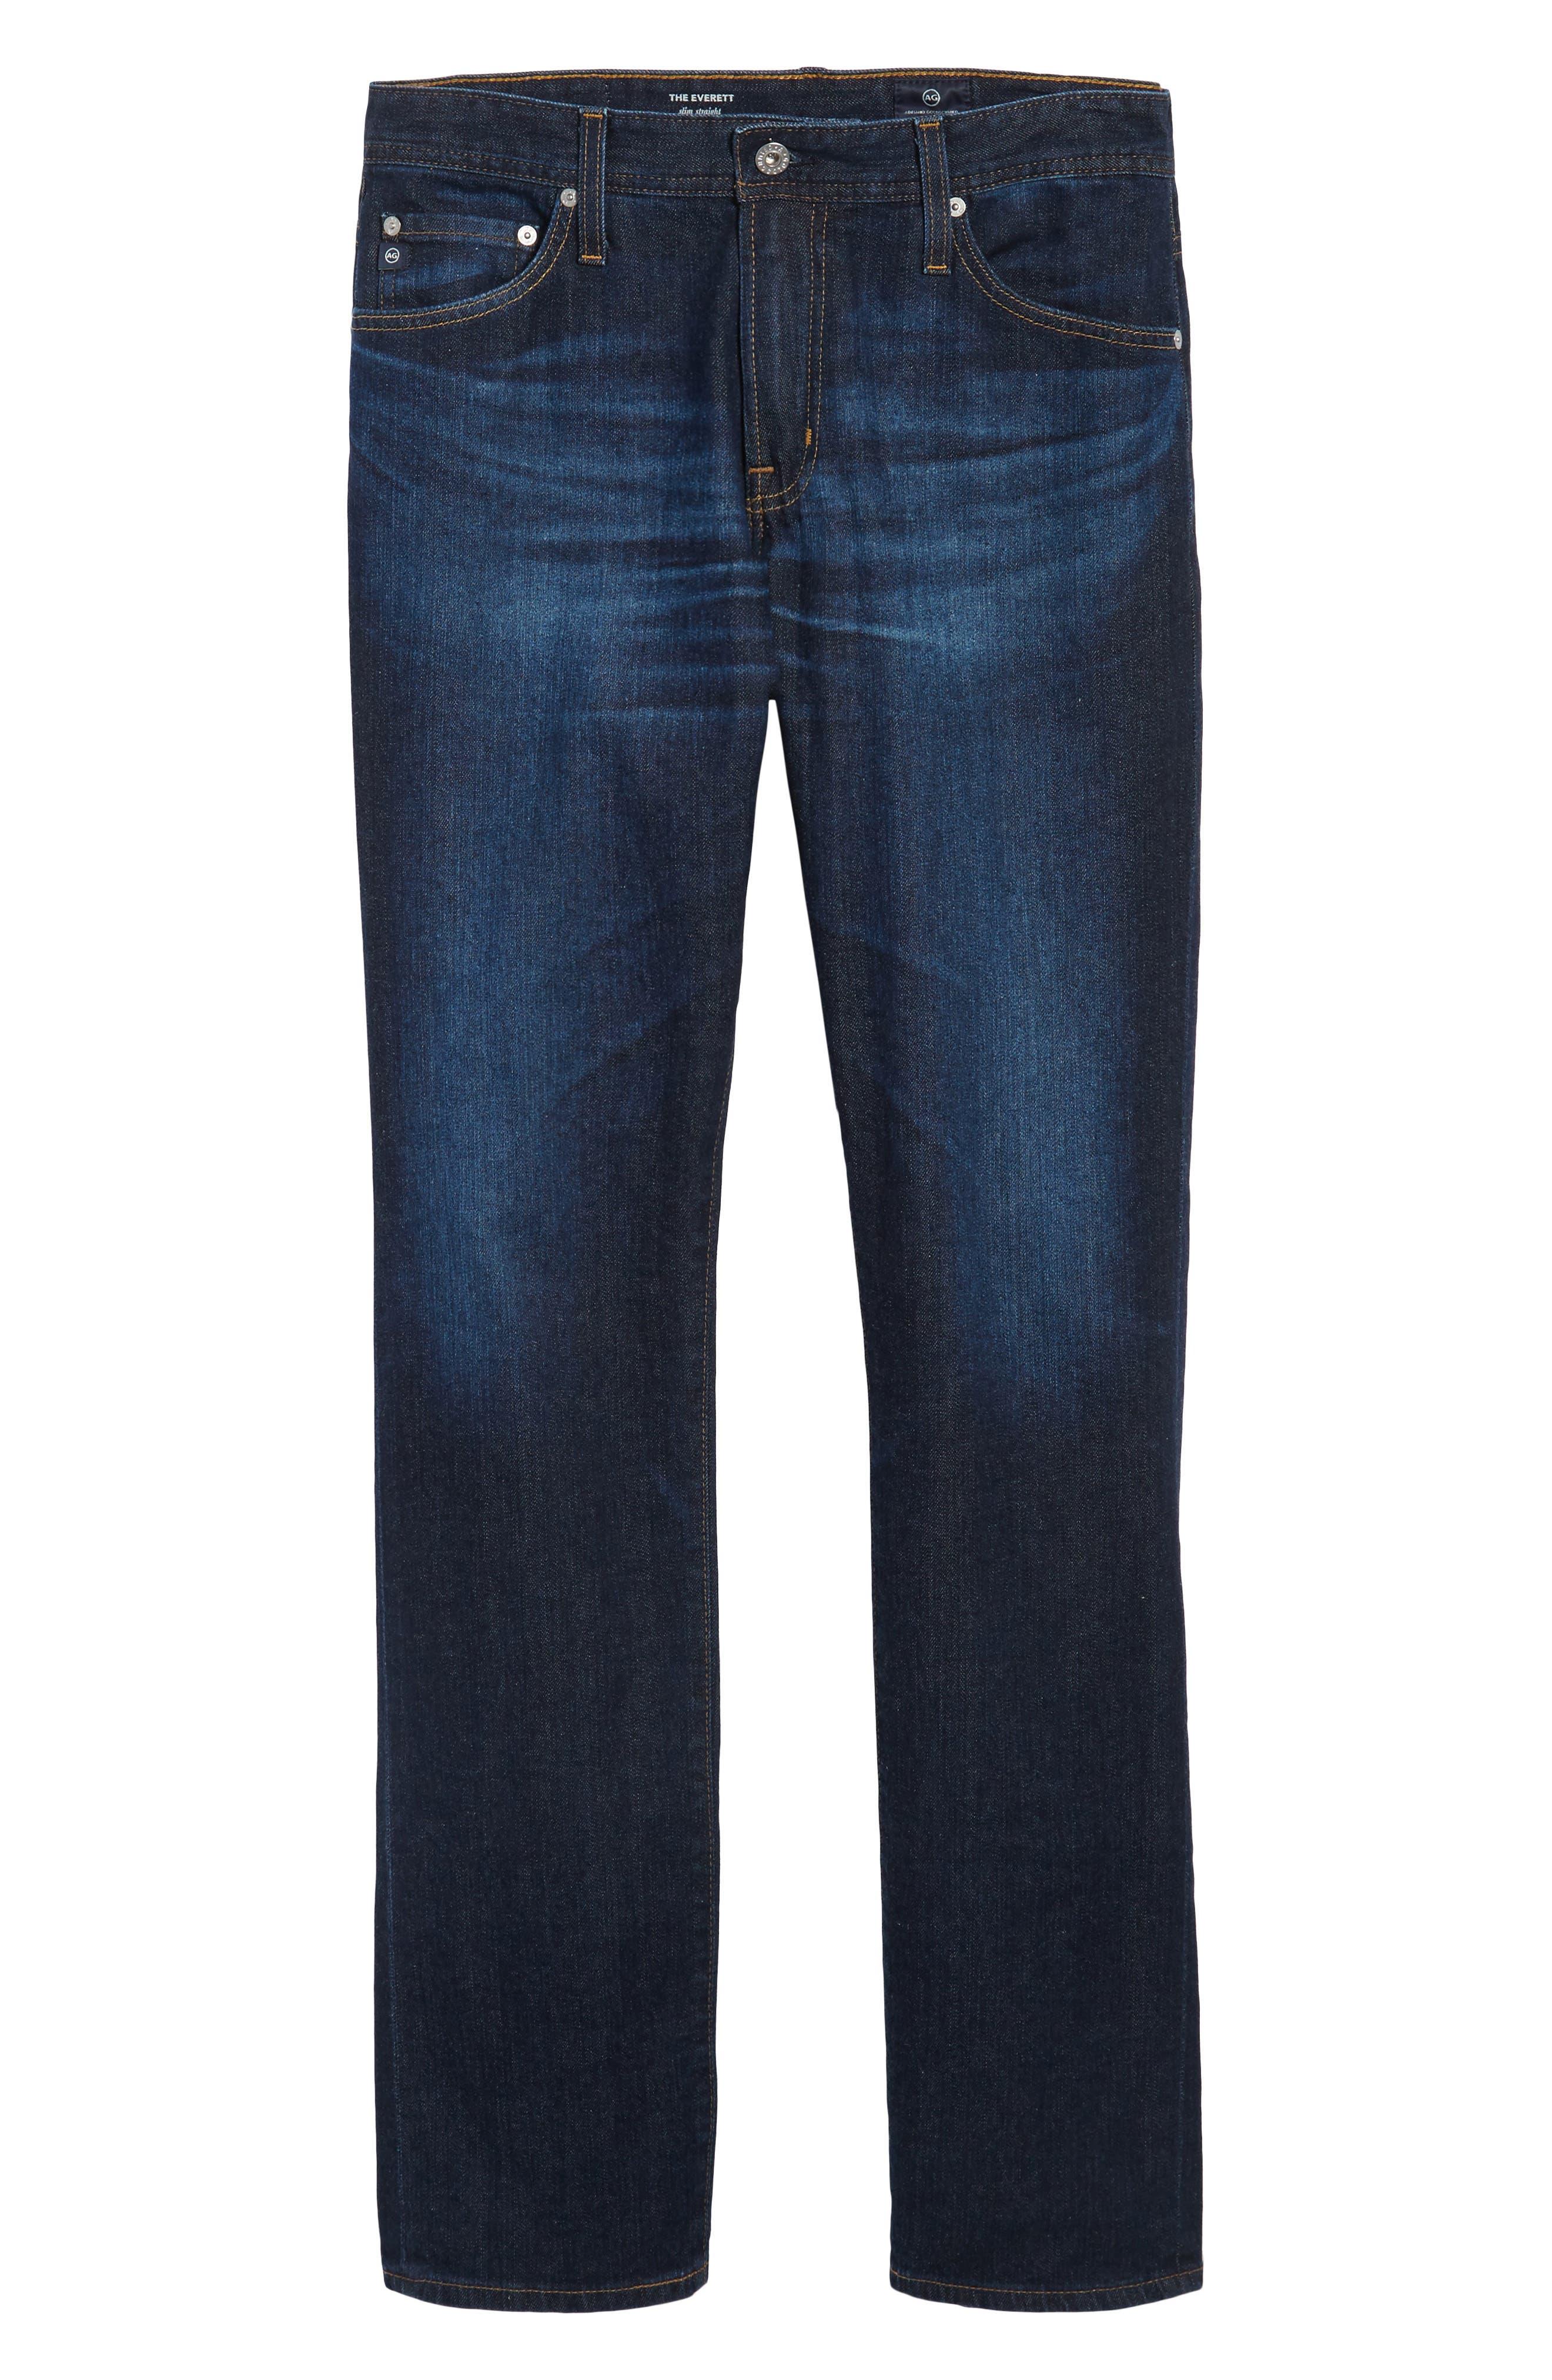 Everett Slim Straight Leg Jeans,                             Alternate thumbnail 6, color,                             409